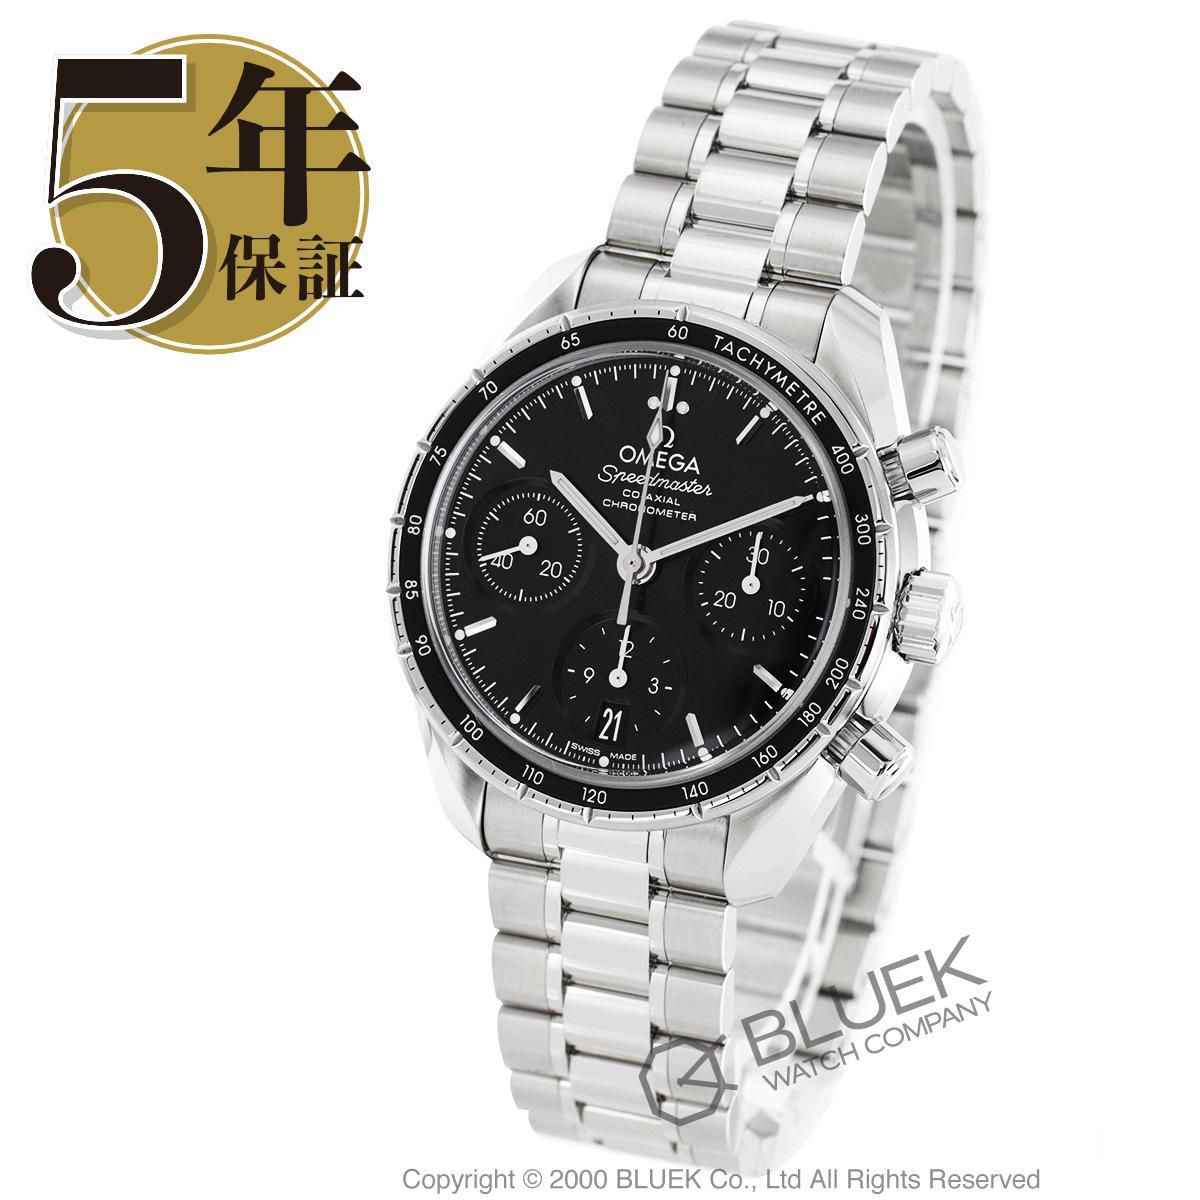 オメガ スピードマスター 38 クロノグラフ 腕時計 ユニセックス OMEGA 324.30.38.50.01.001_5